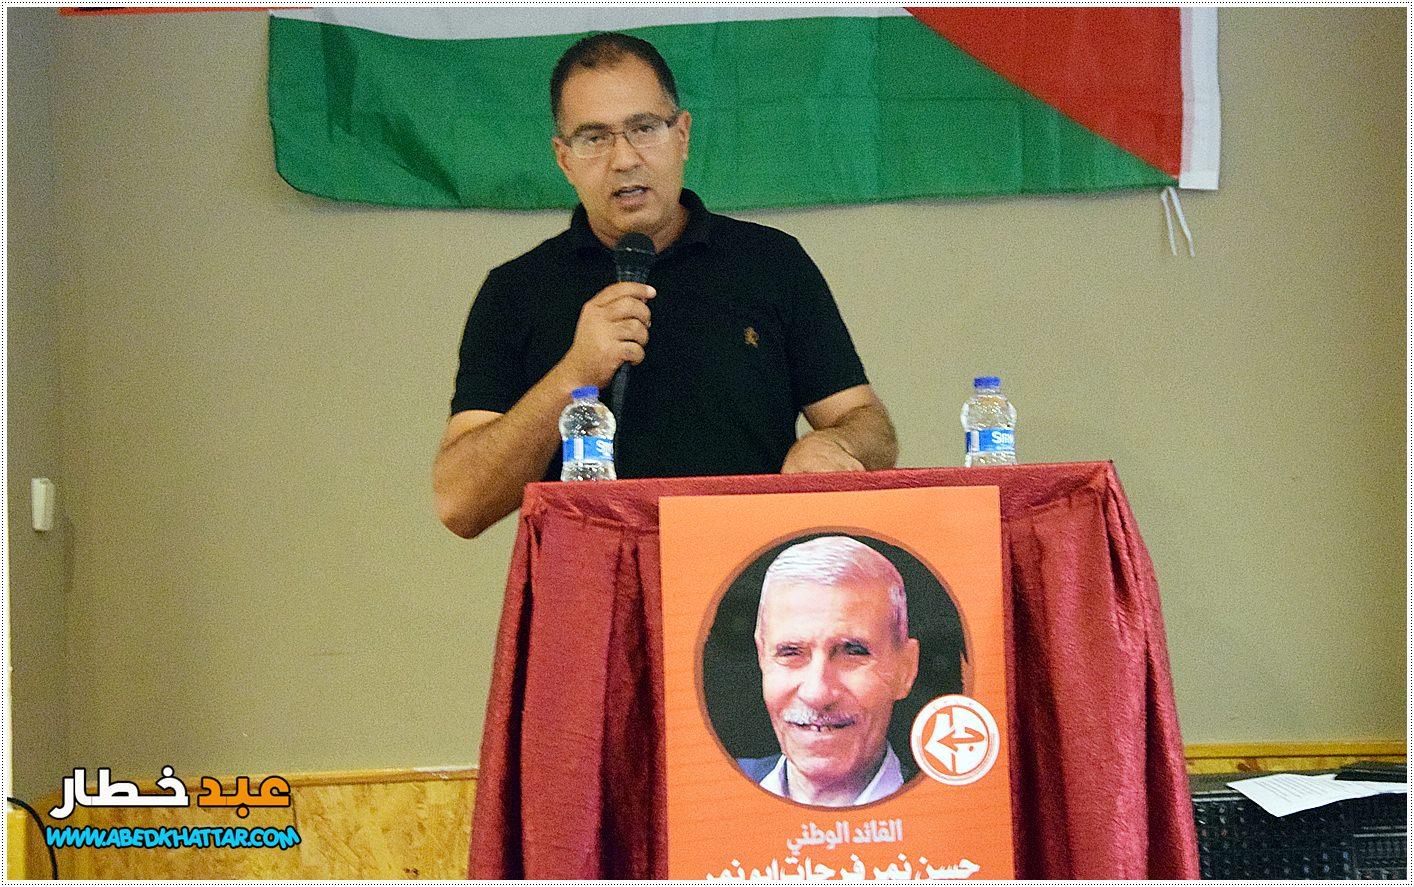 كلمة لجان فلسطين الديمقراطية والمنظمين  - الرفيق نزار سويدان